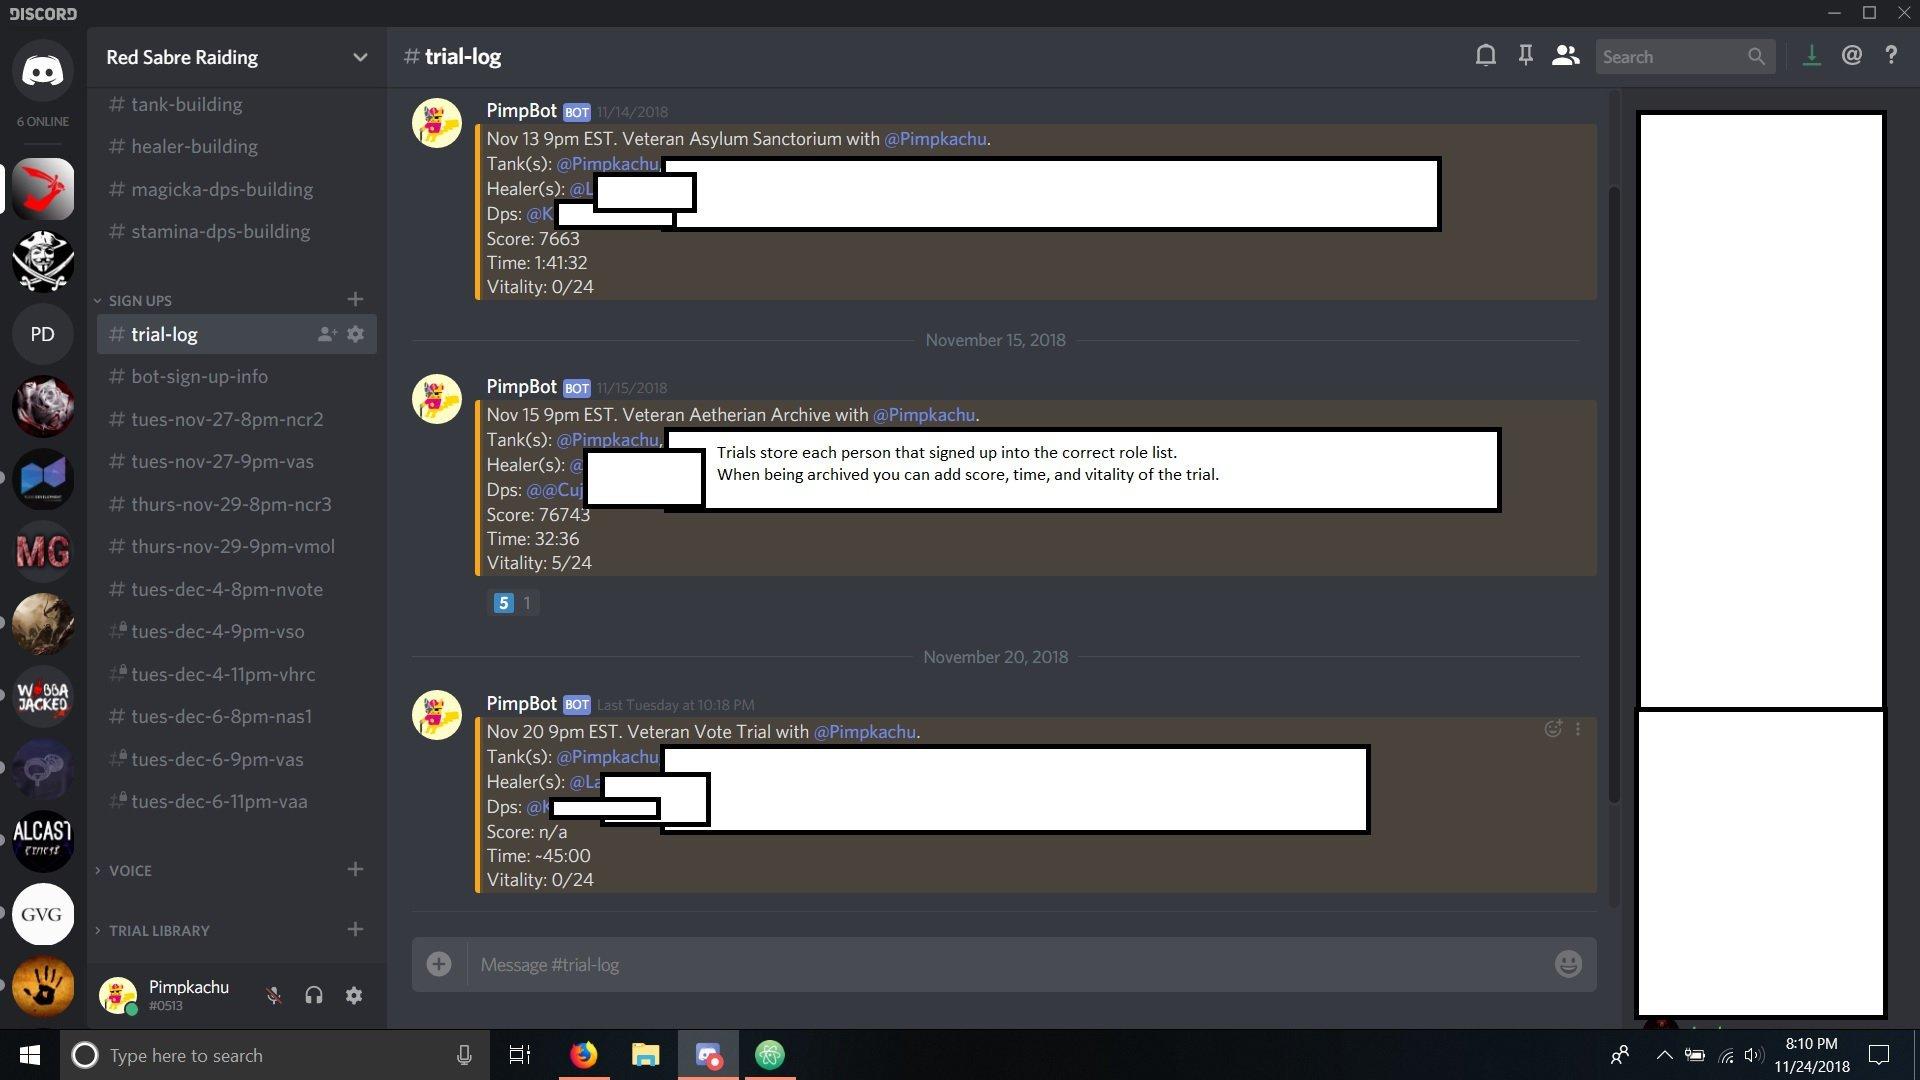 Pimpbot - Discord Bot for Trials Organization! — Elder Scrolls Online